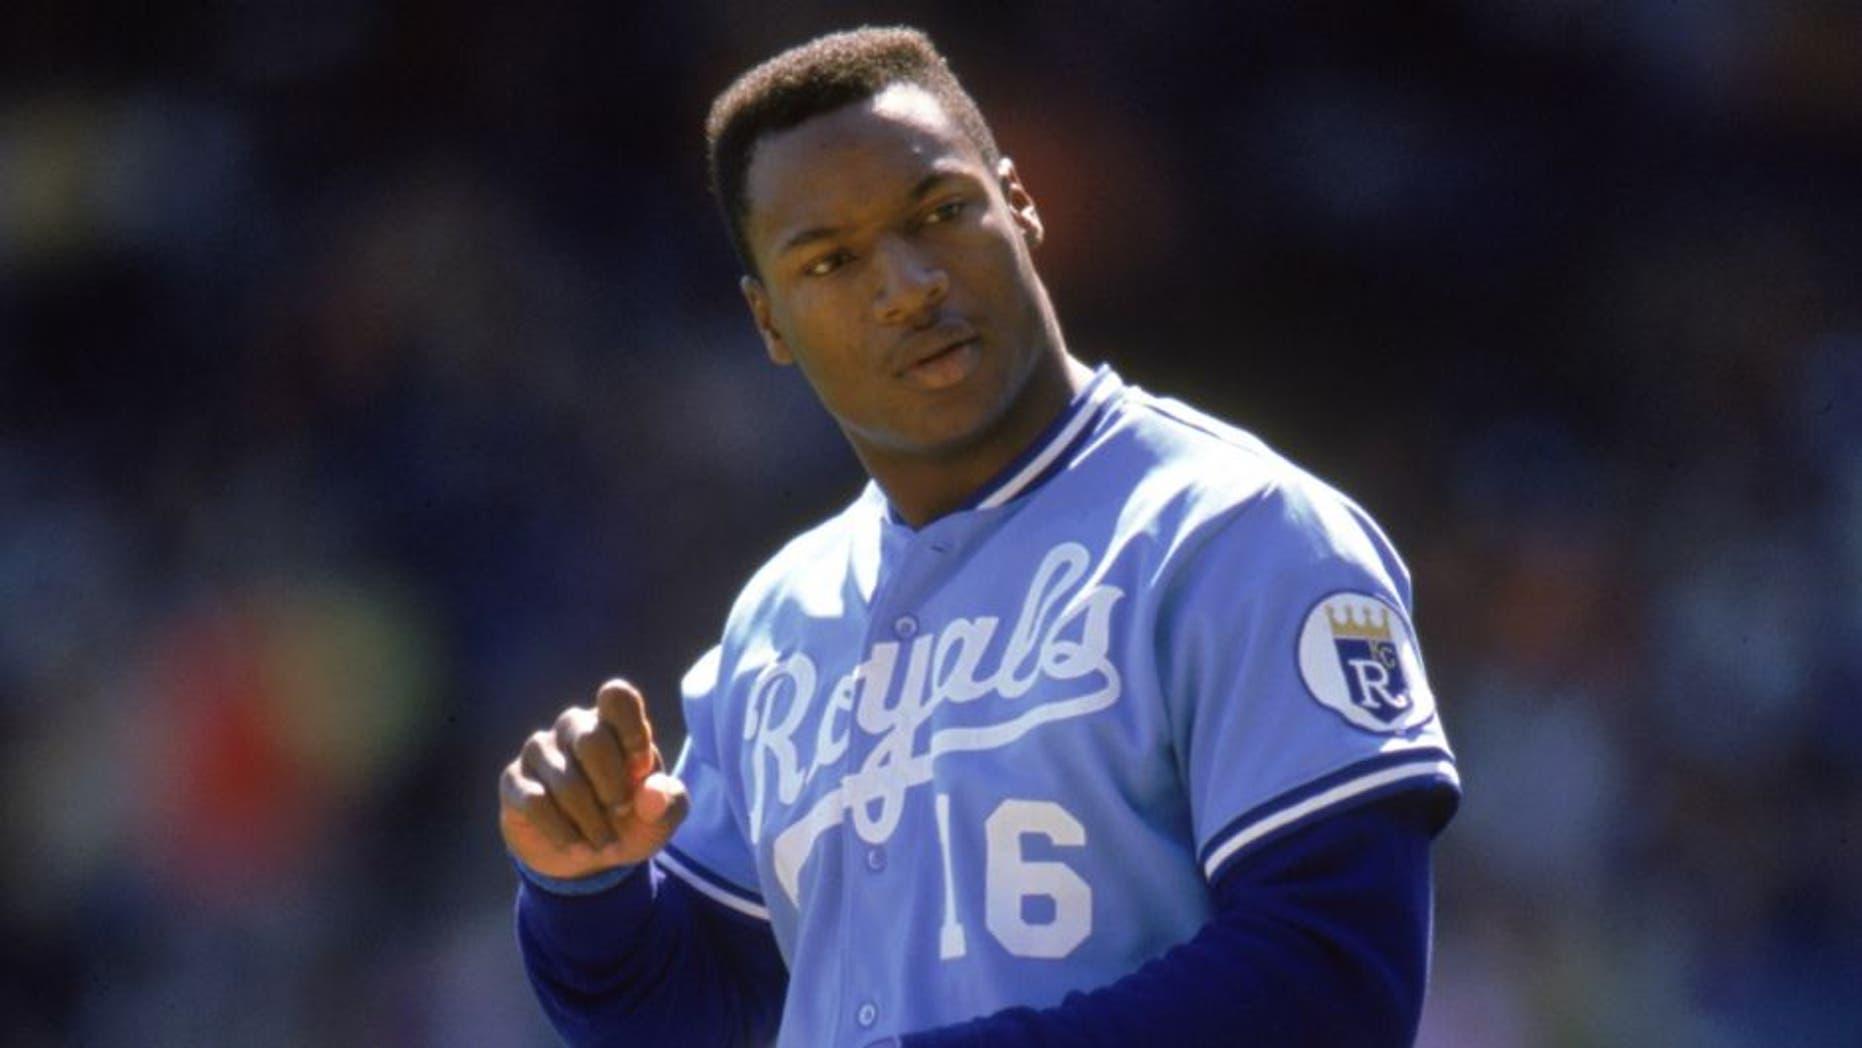 who did bo jackson play baseball for